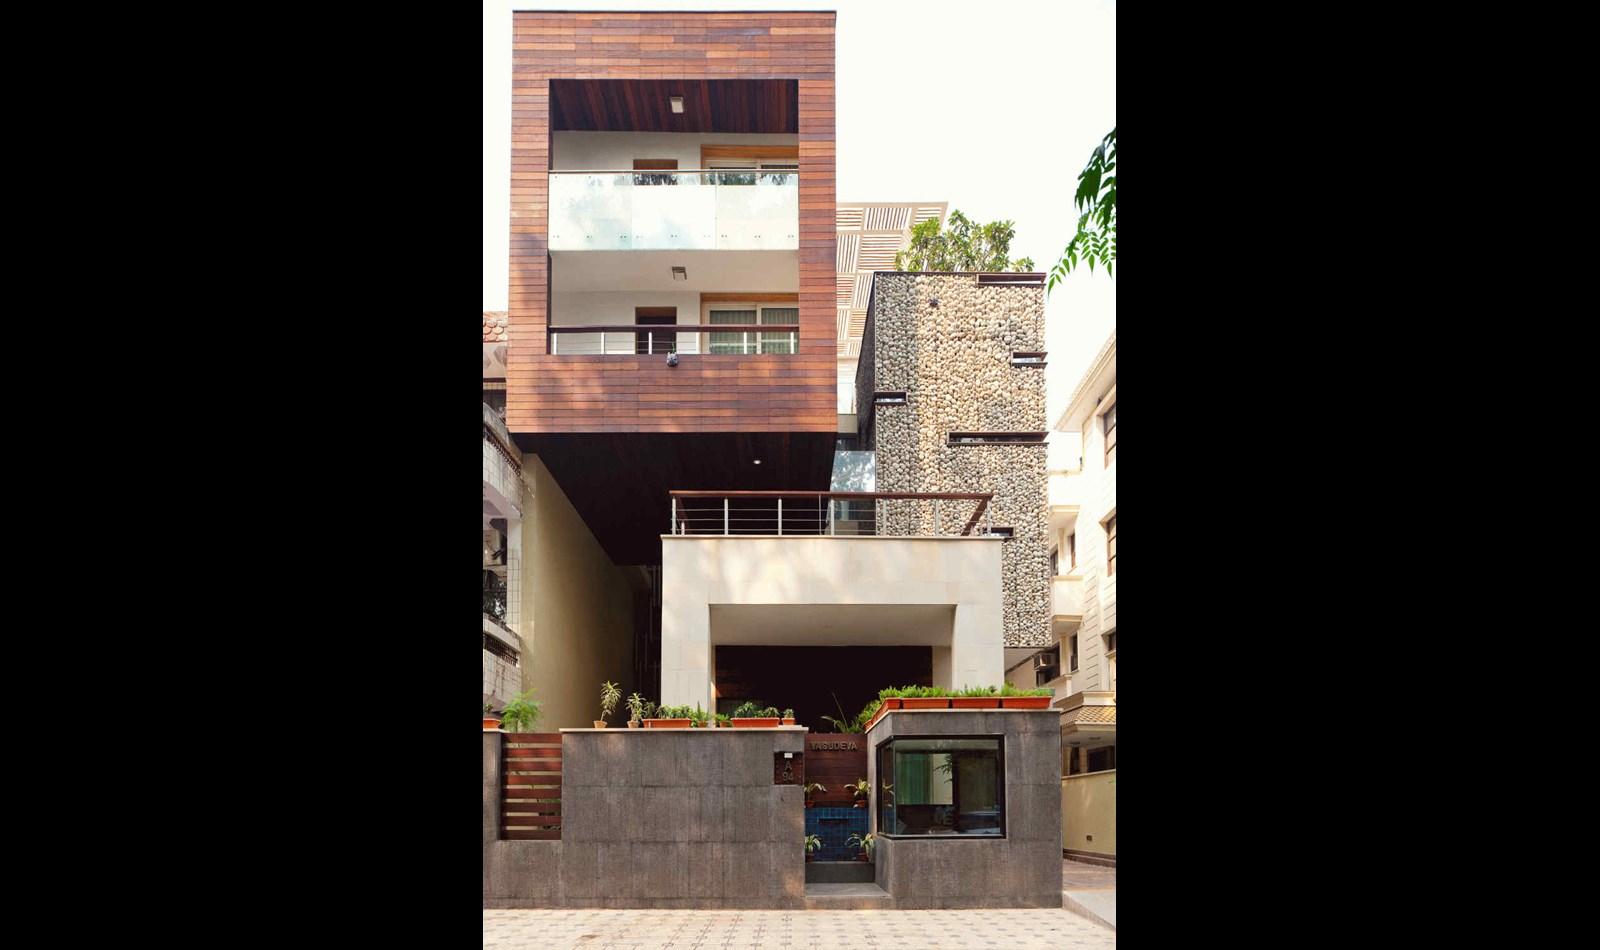 Mẫu nhà biệt thự phố hiện đại ấn tượng với nét đẹp kiến trúc hình khối - 1